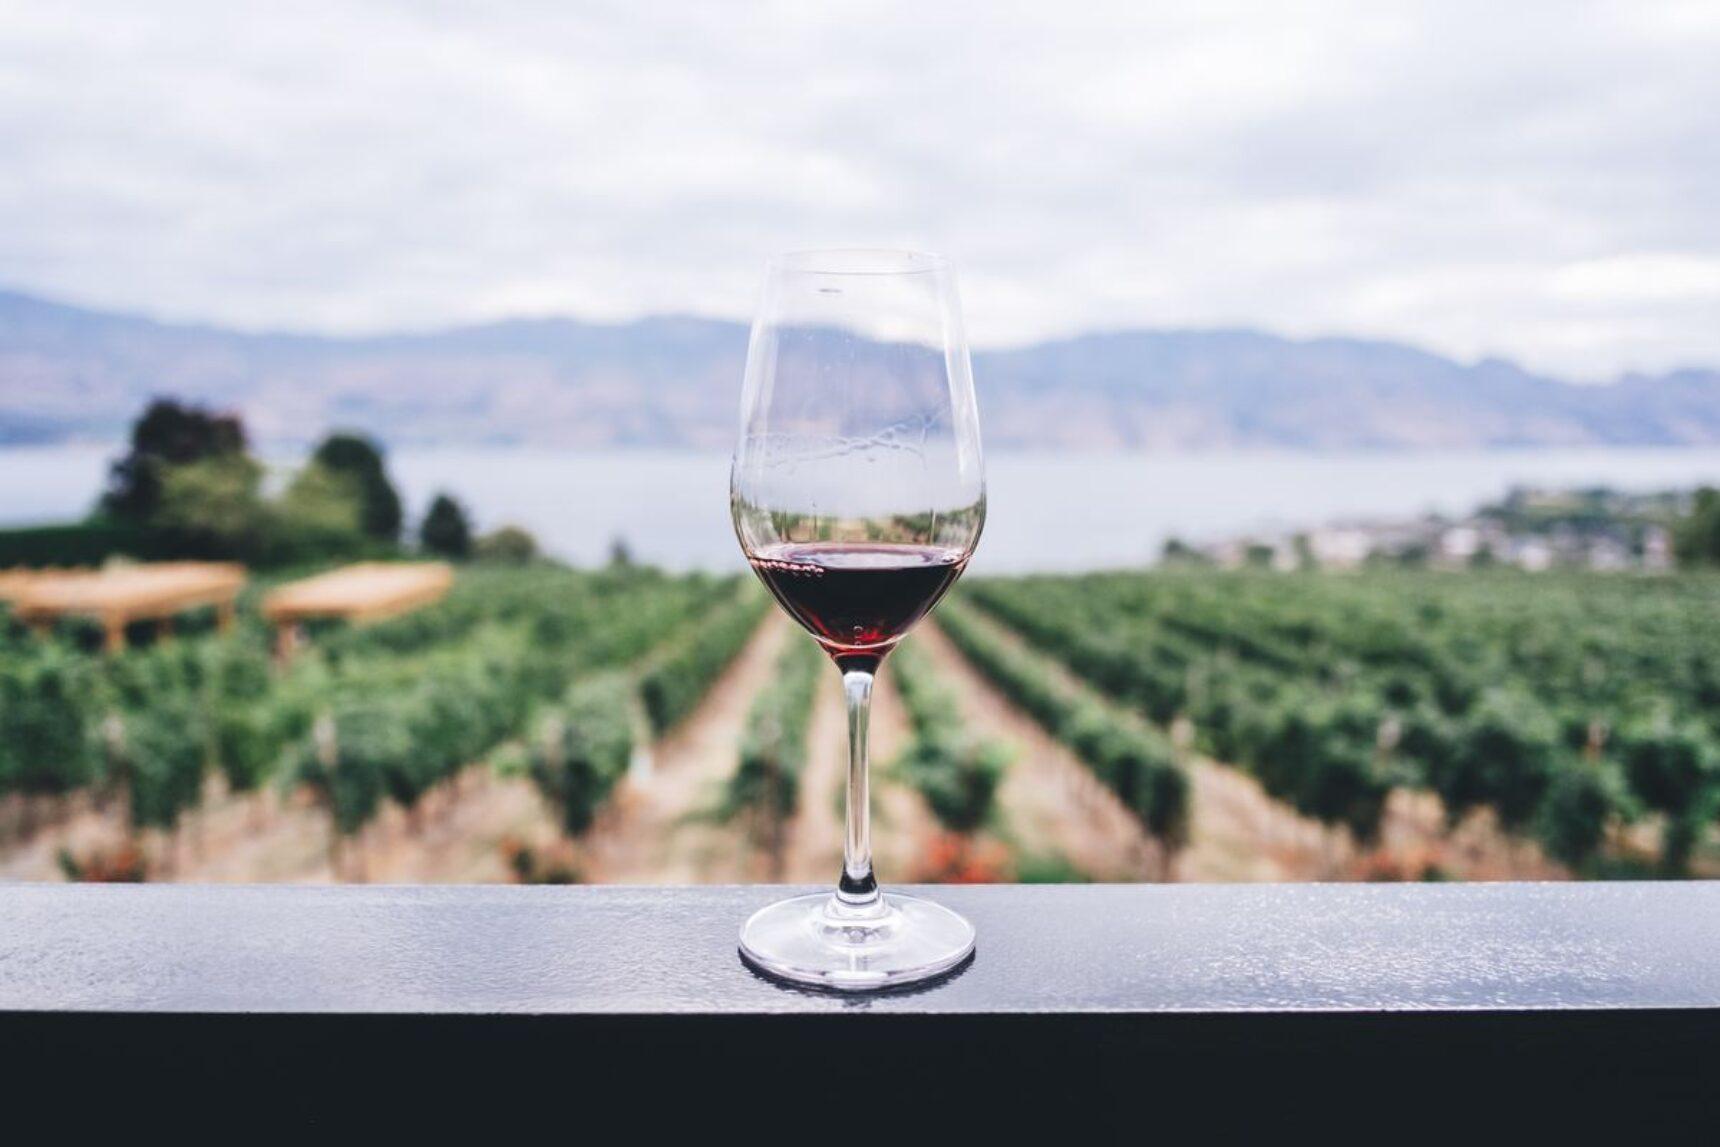 Jakie wino na wesele wybrać i ile butelek kupić? Dopasuj wino do podawanych potraw!